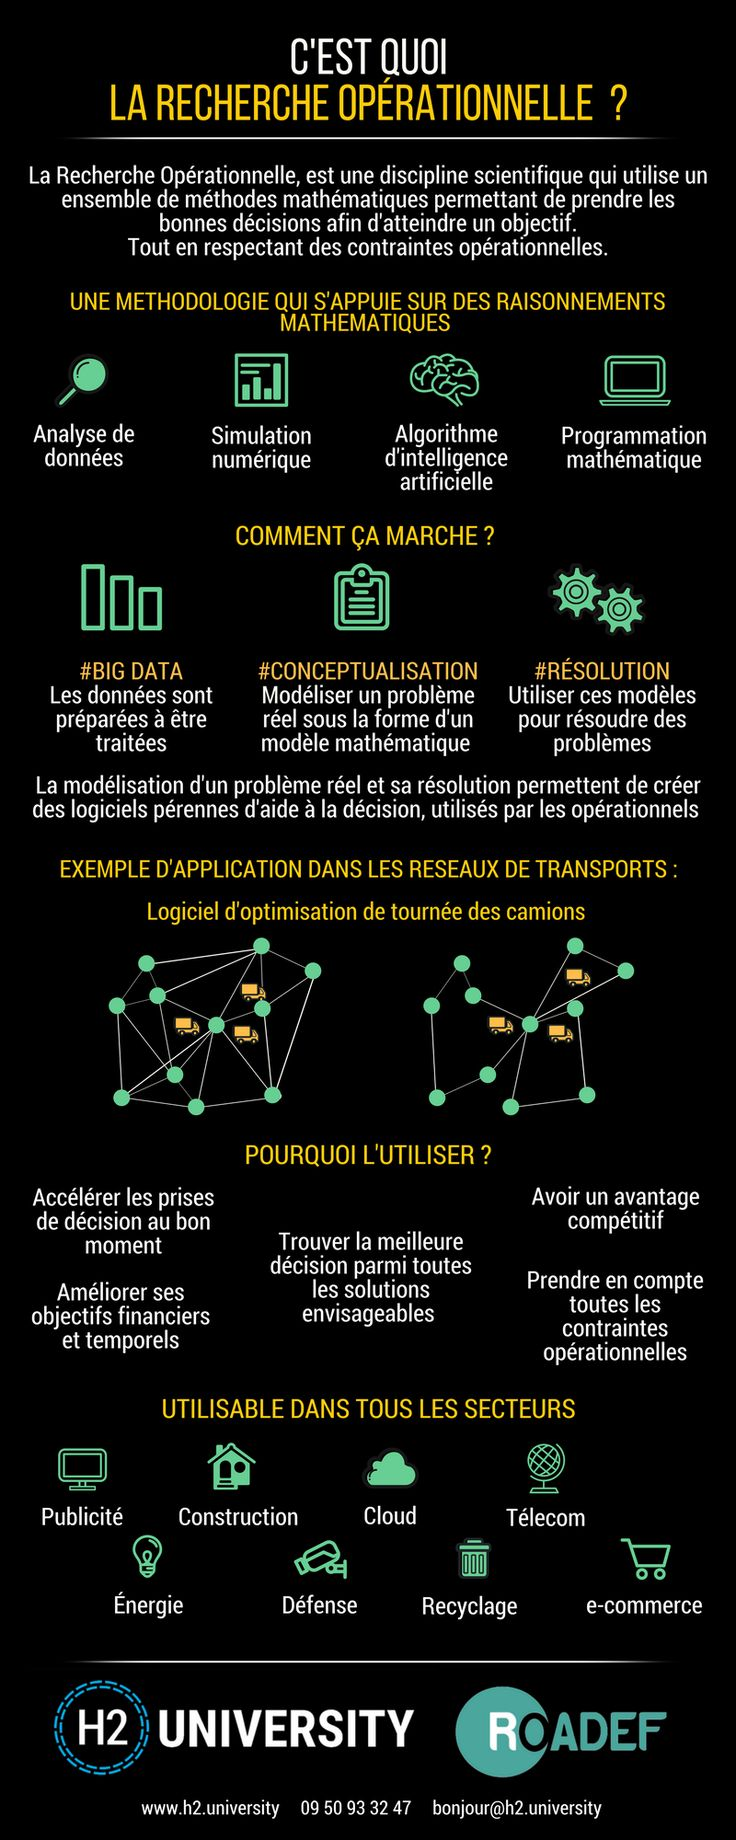 Infographie : C'est quoi la recherche opérationnelle ? | Le Blog H2 University